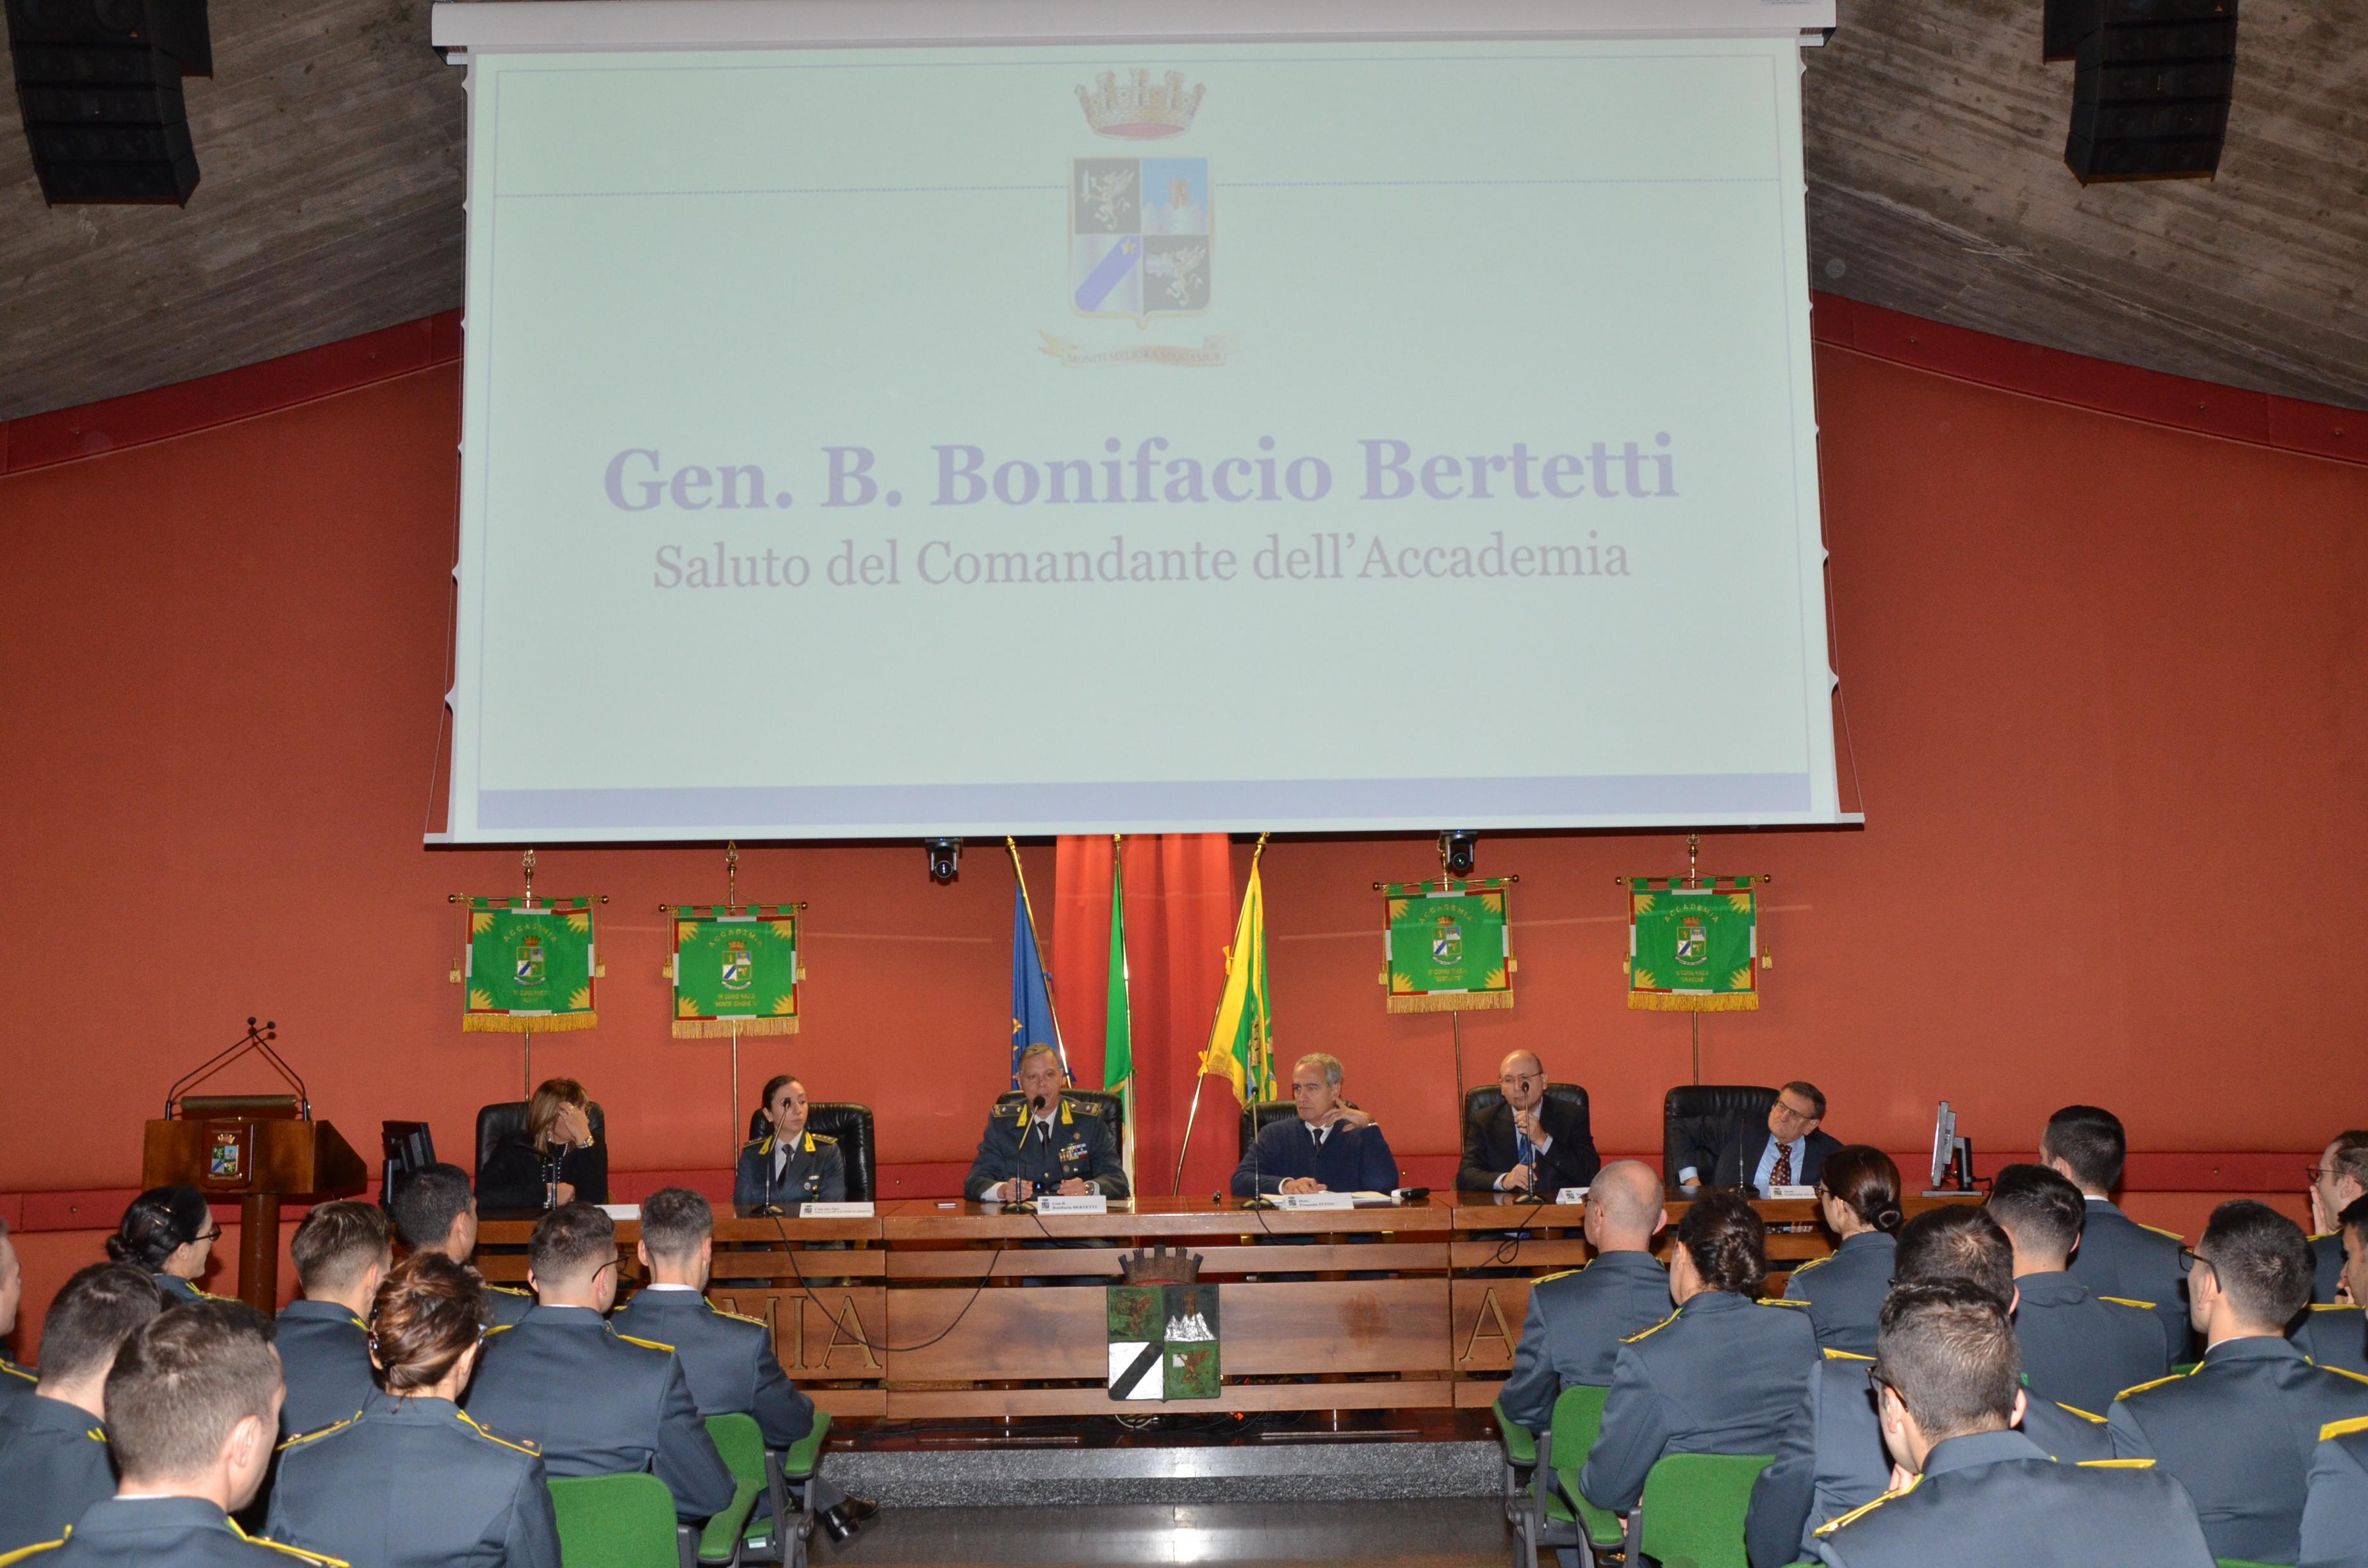 Il Gen. B. Bonifacio Bertetti apre i lavori